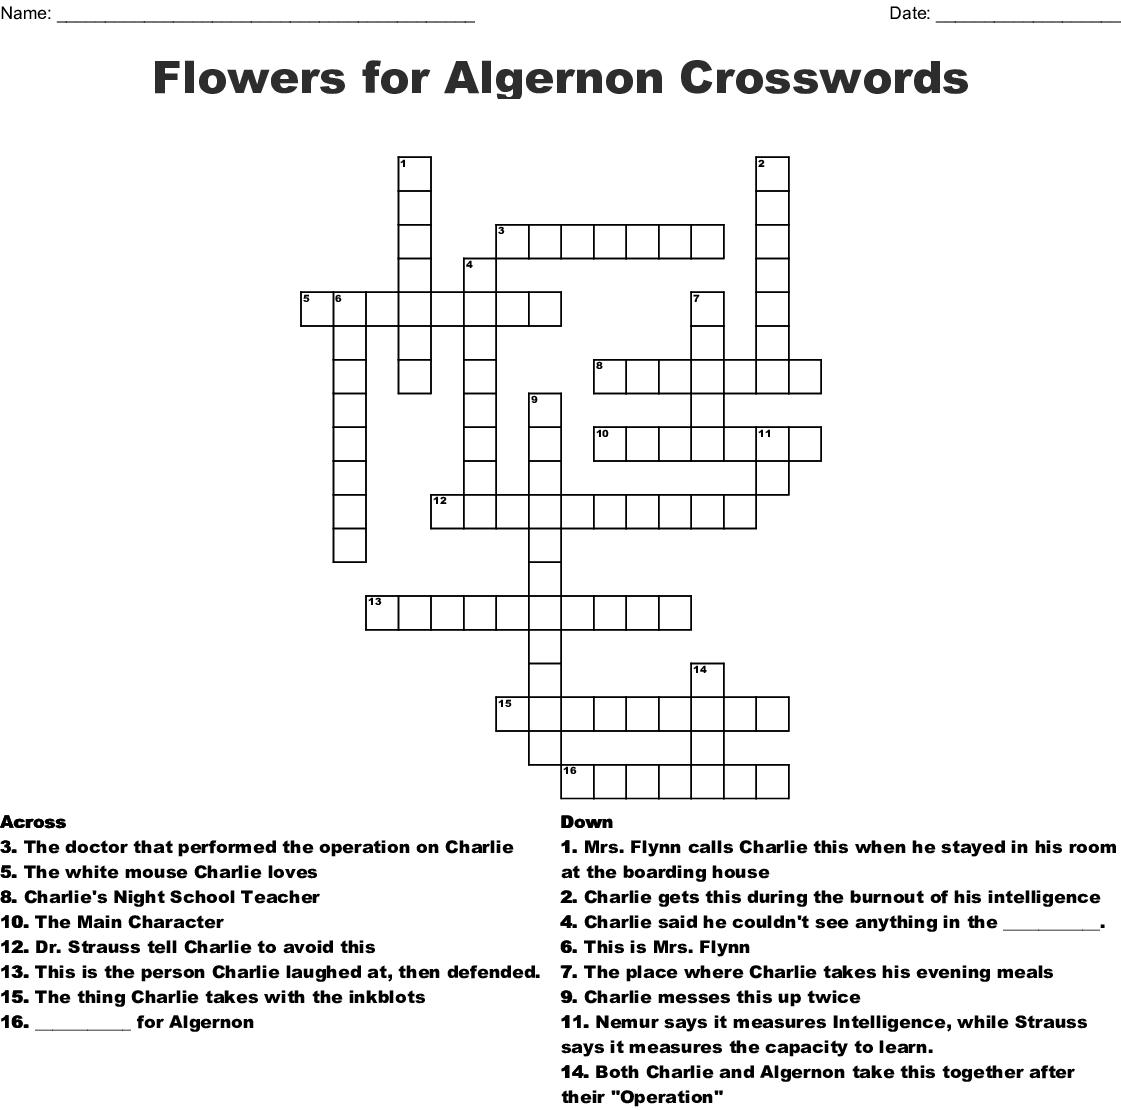 Flowers For Algernon Crosswords